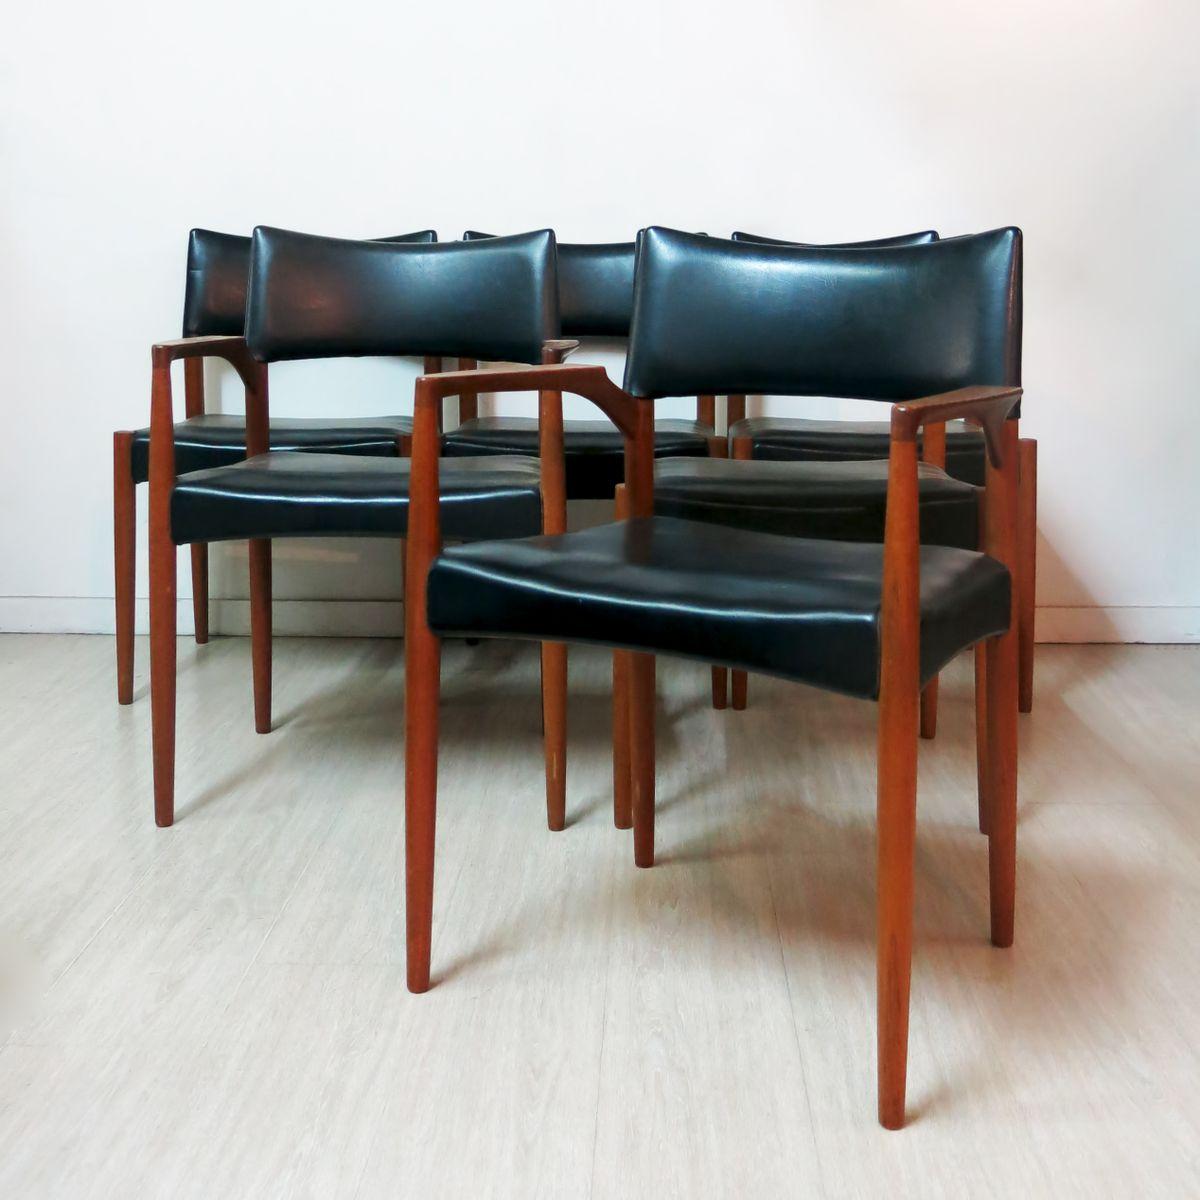 esszimmerst hle von aksel bender madsen 1960er 6er set. Black Bedroom Furniture Sets. Home Design Ideas